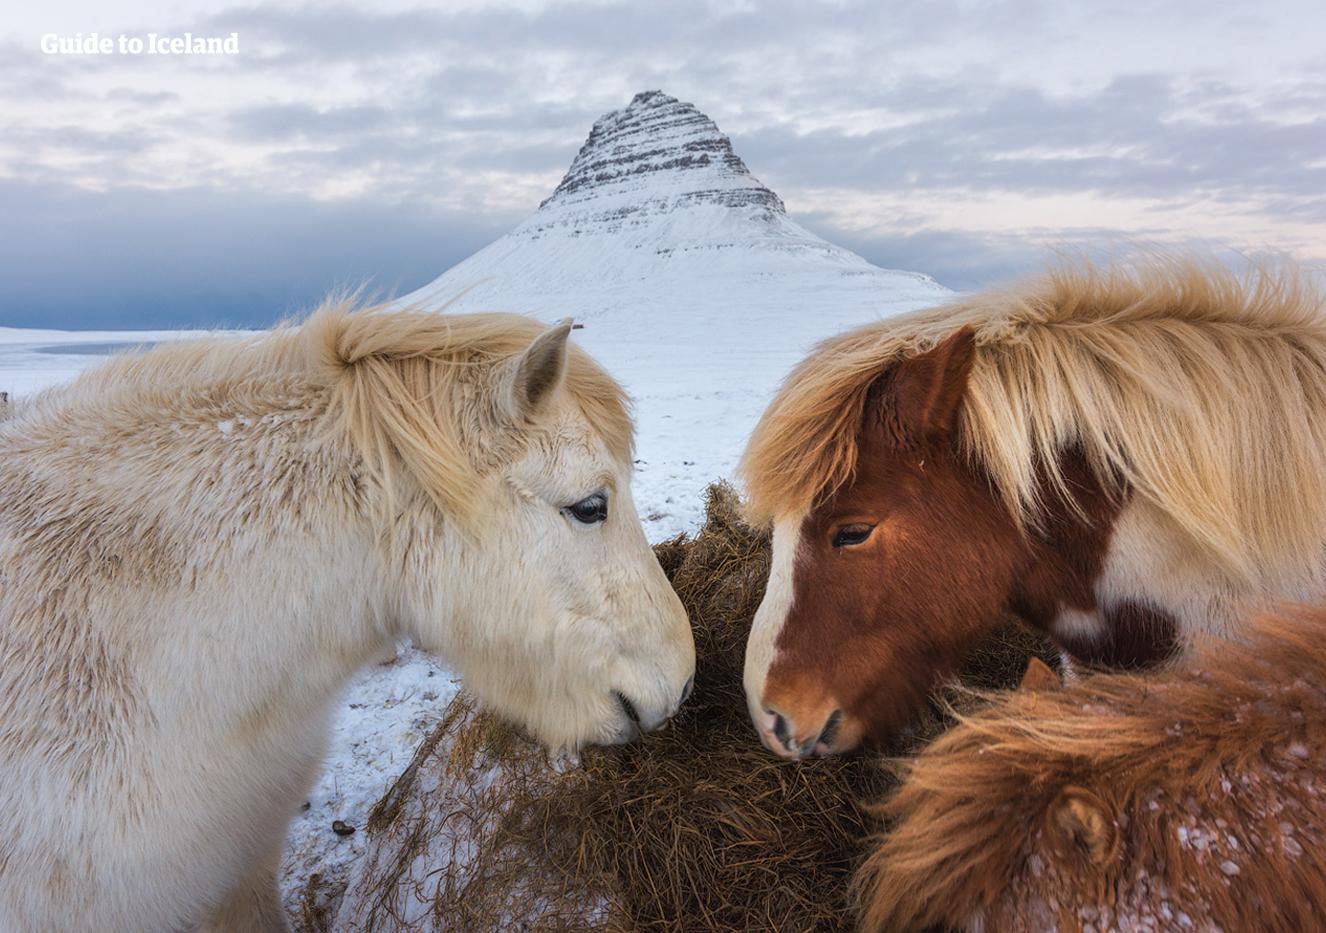 Islandpferde vor der Kulisse des Kirkjufell in West-Island.